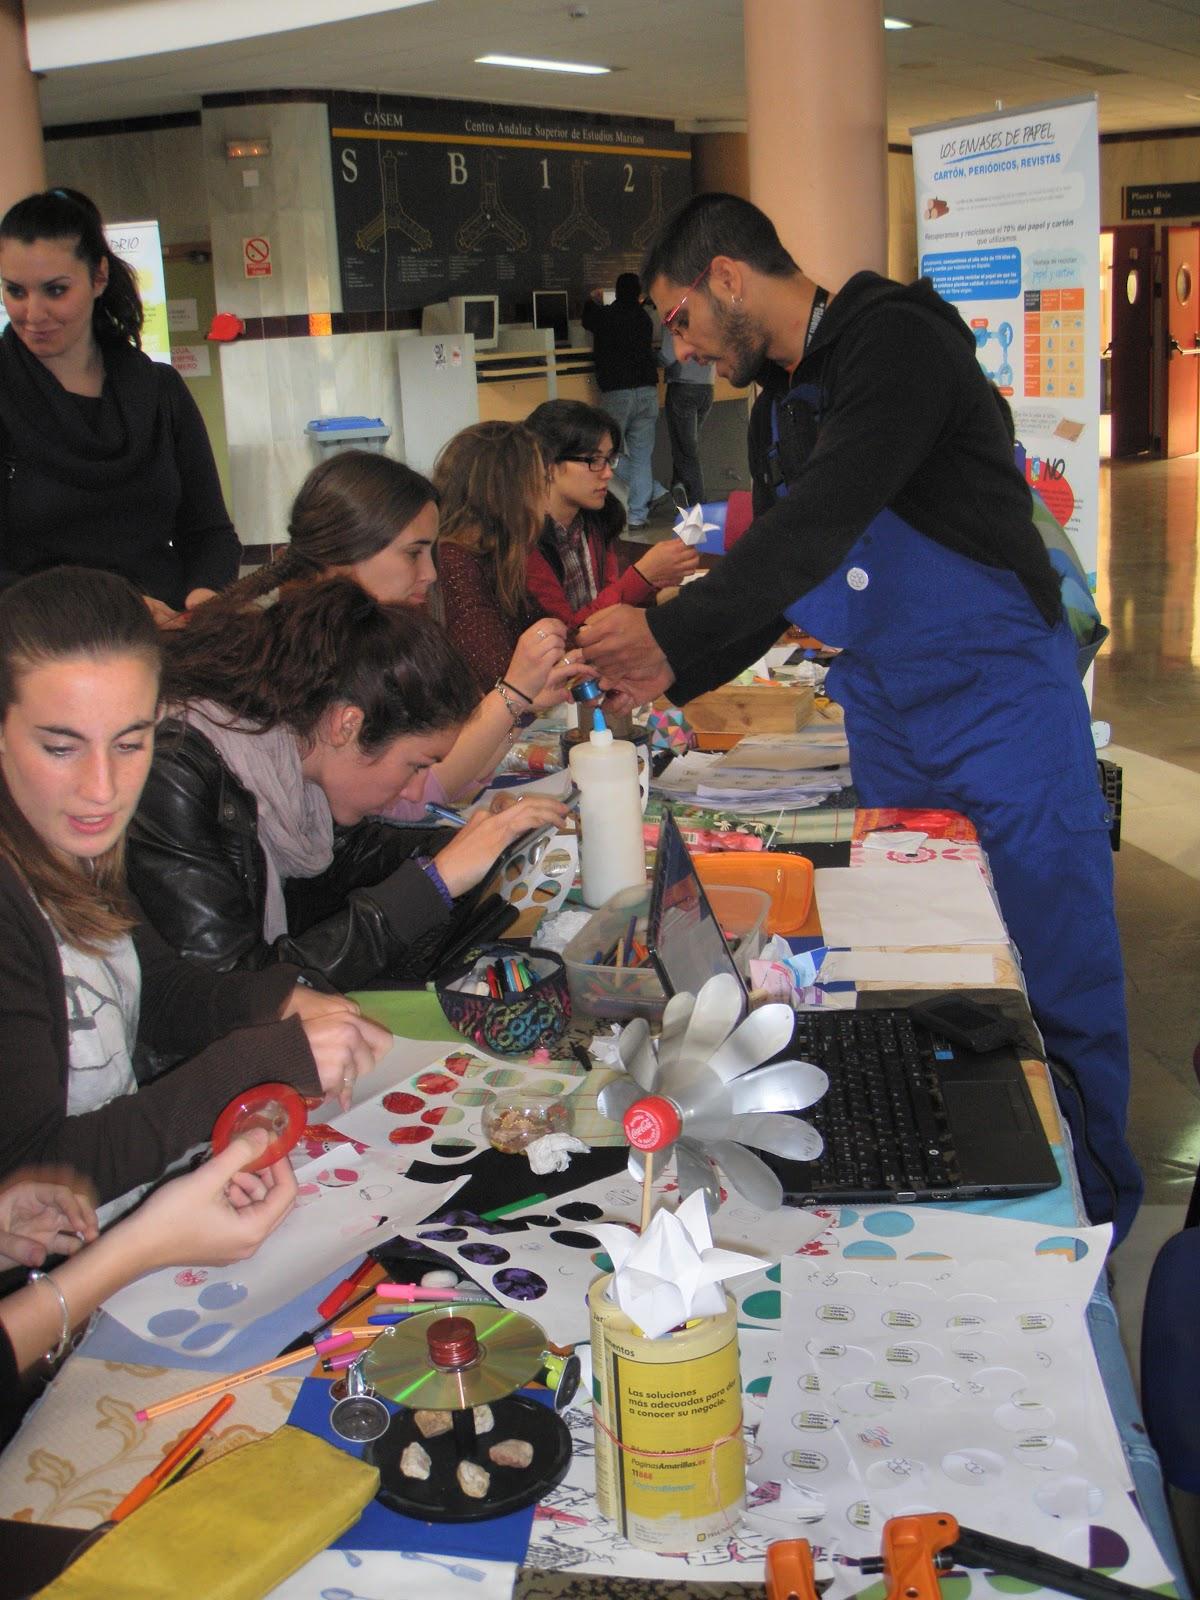 Oficina para la sostenibilidad uca abril 2012 for Oficina correos cadiz